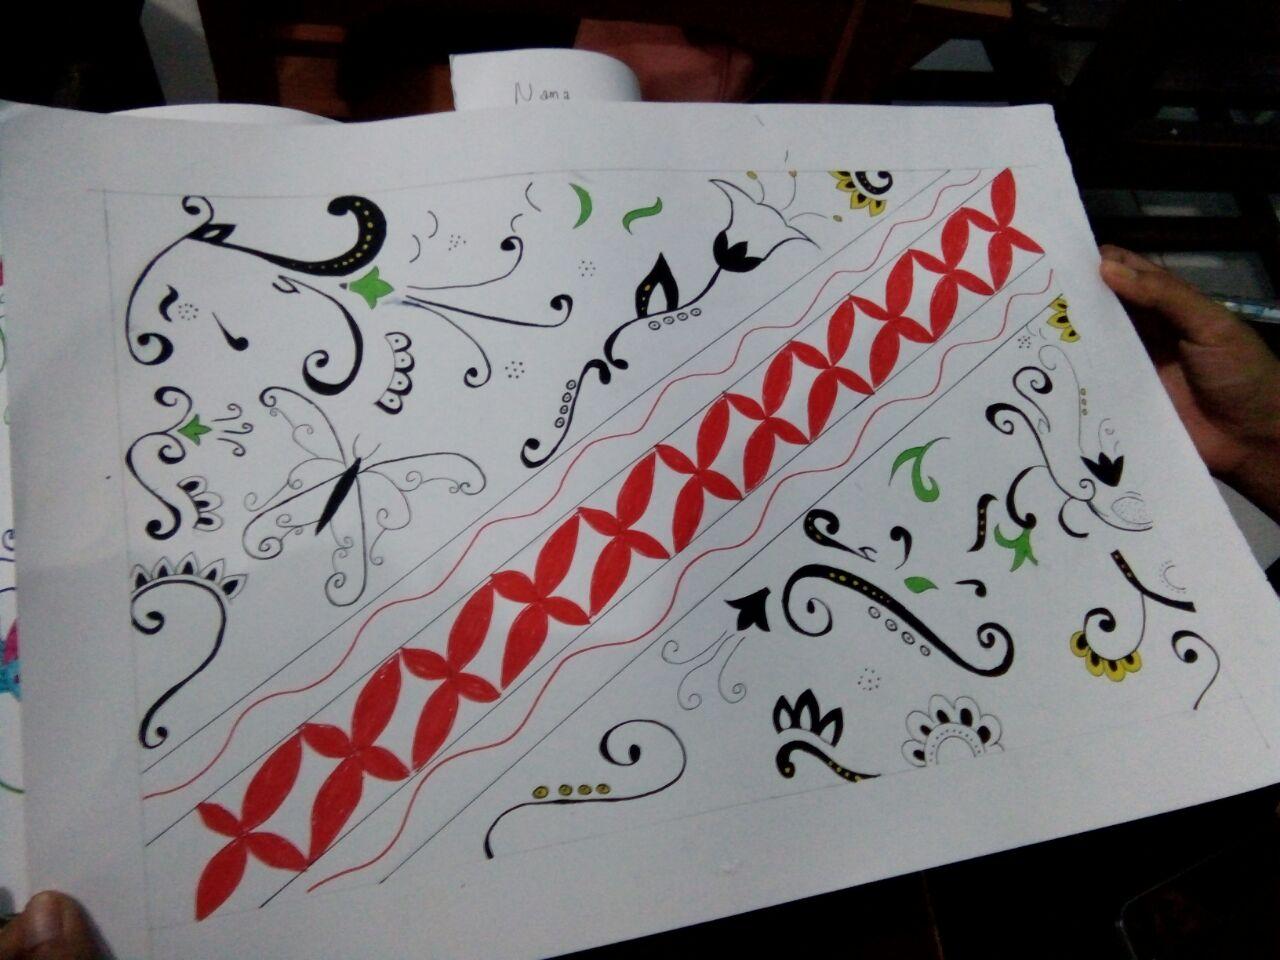 Cara Menggambar Batik Di Buku Gambar A3 Semburat Warna